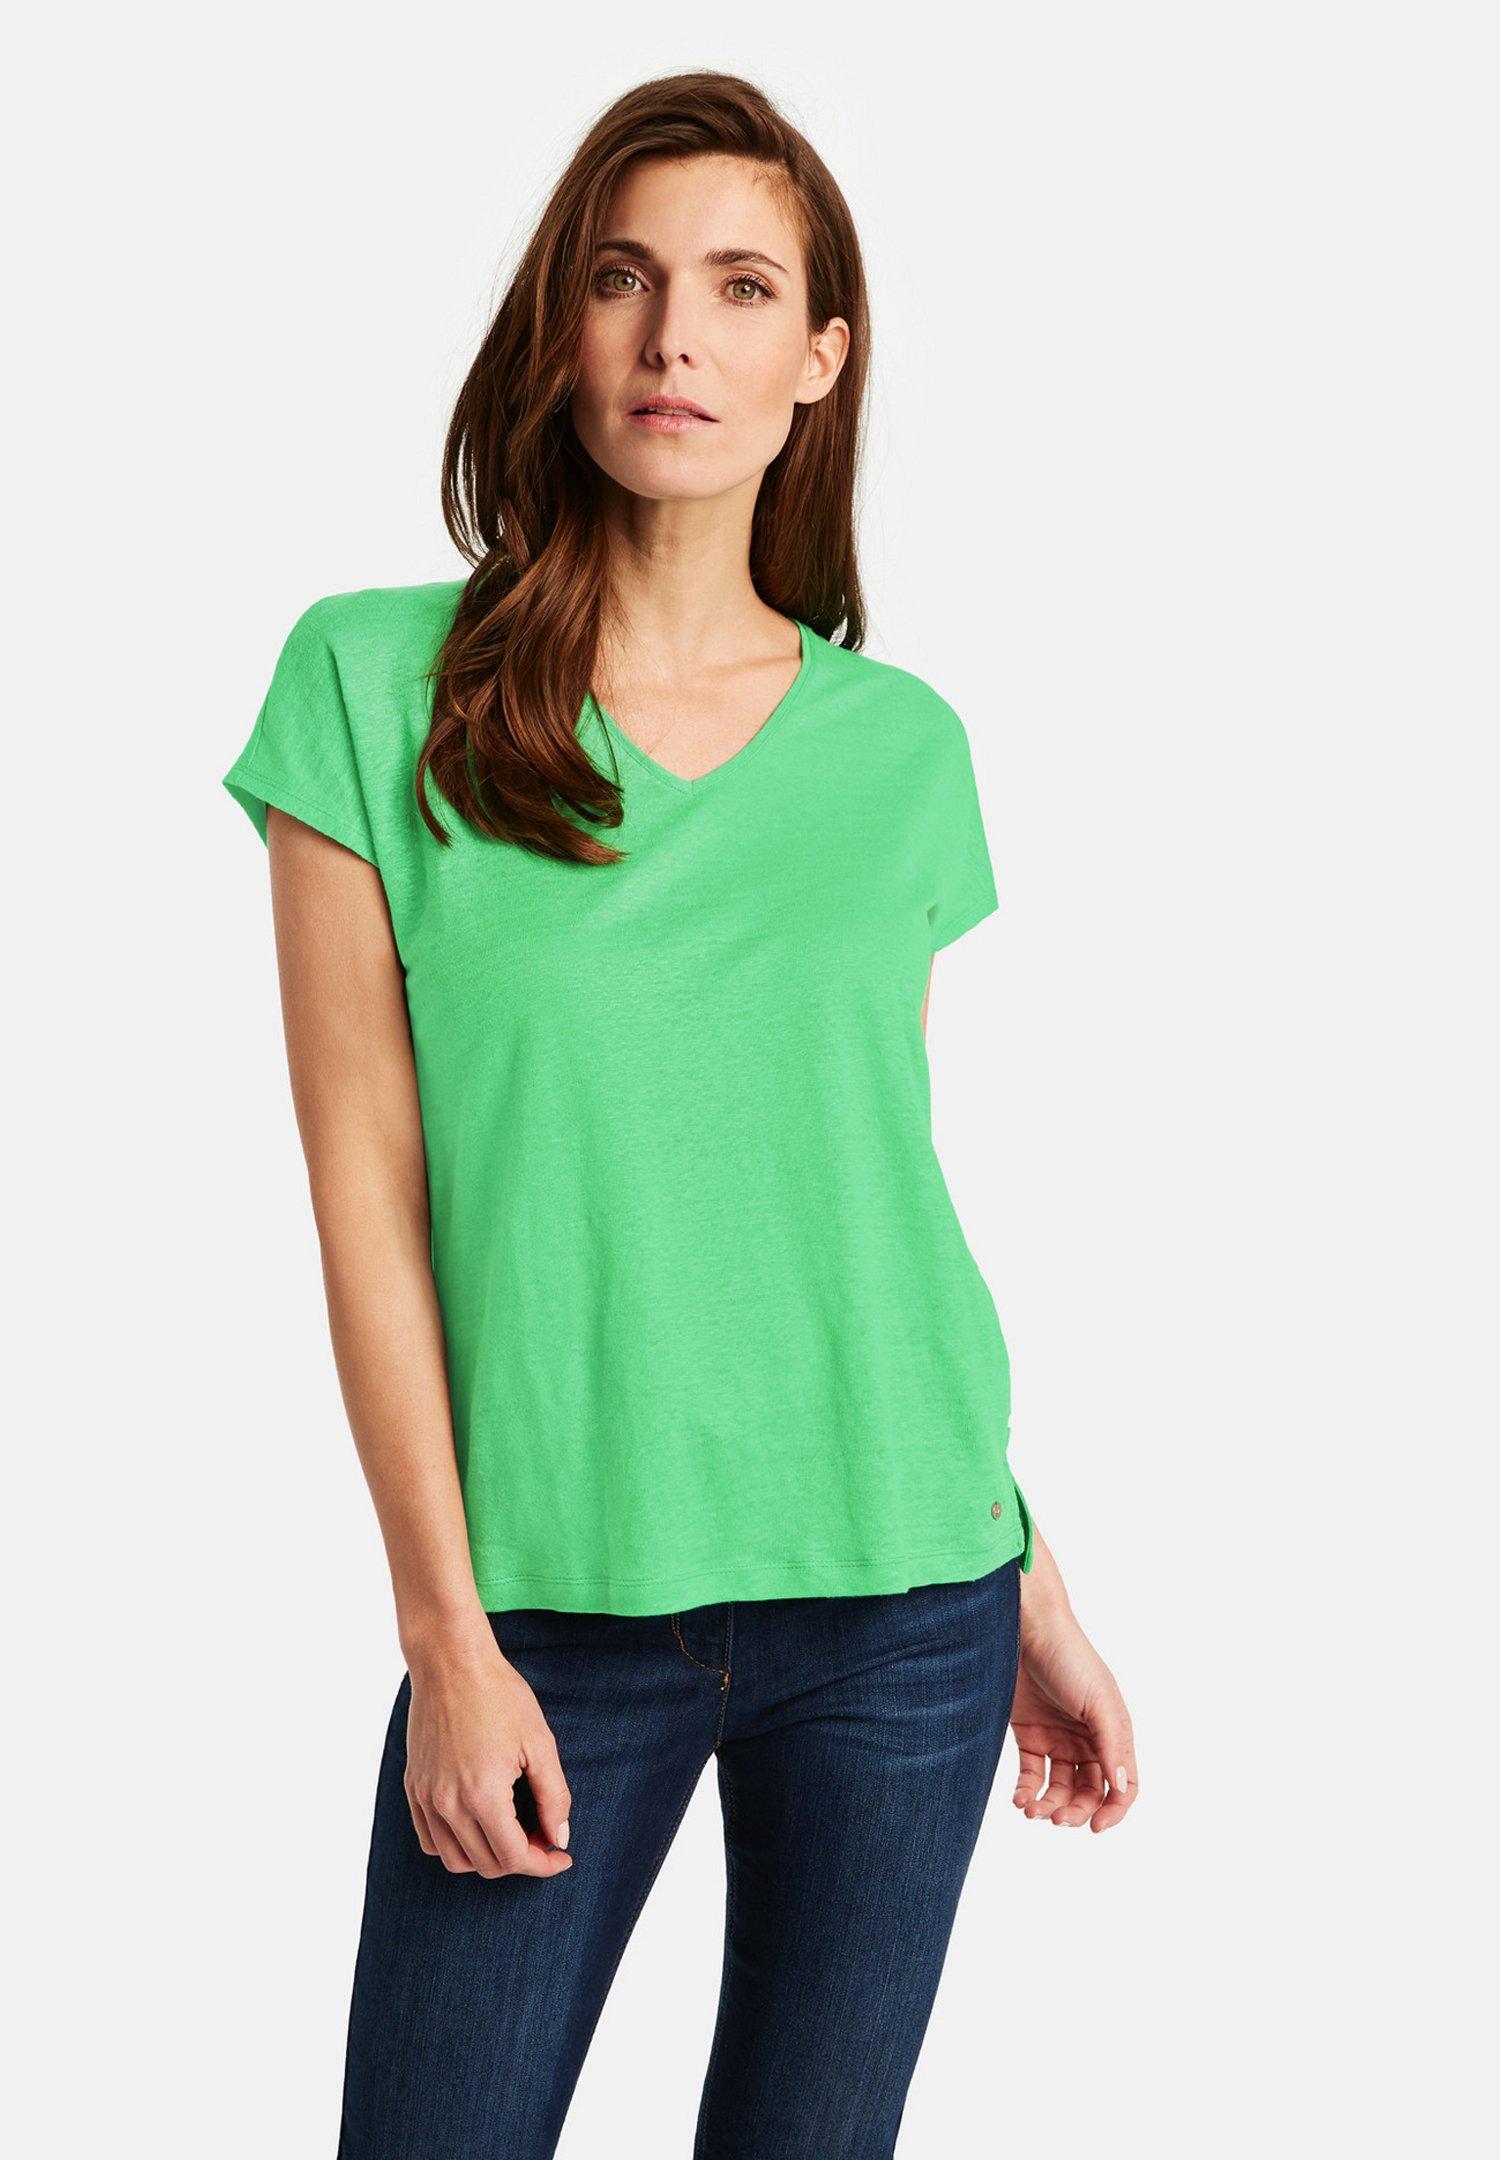 Gerry Weber T-shirt basique - inselgrün - Tops & T-shirts Femme nMND3